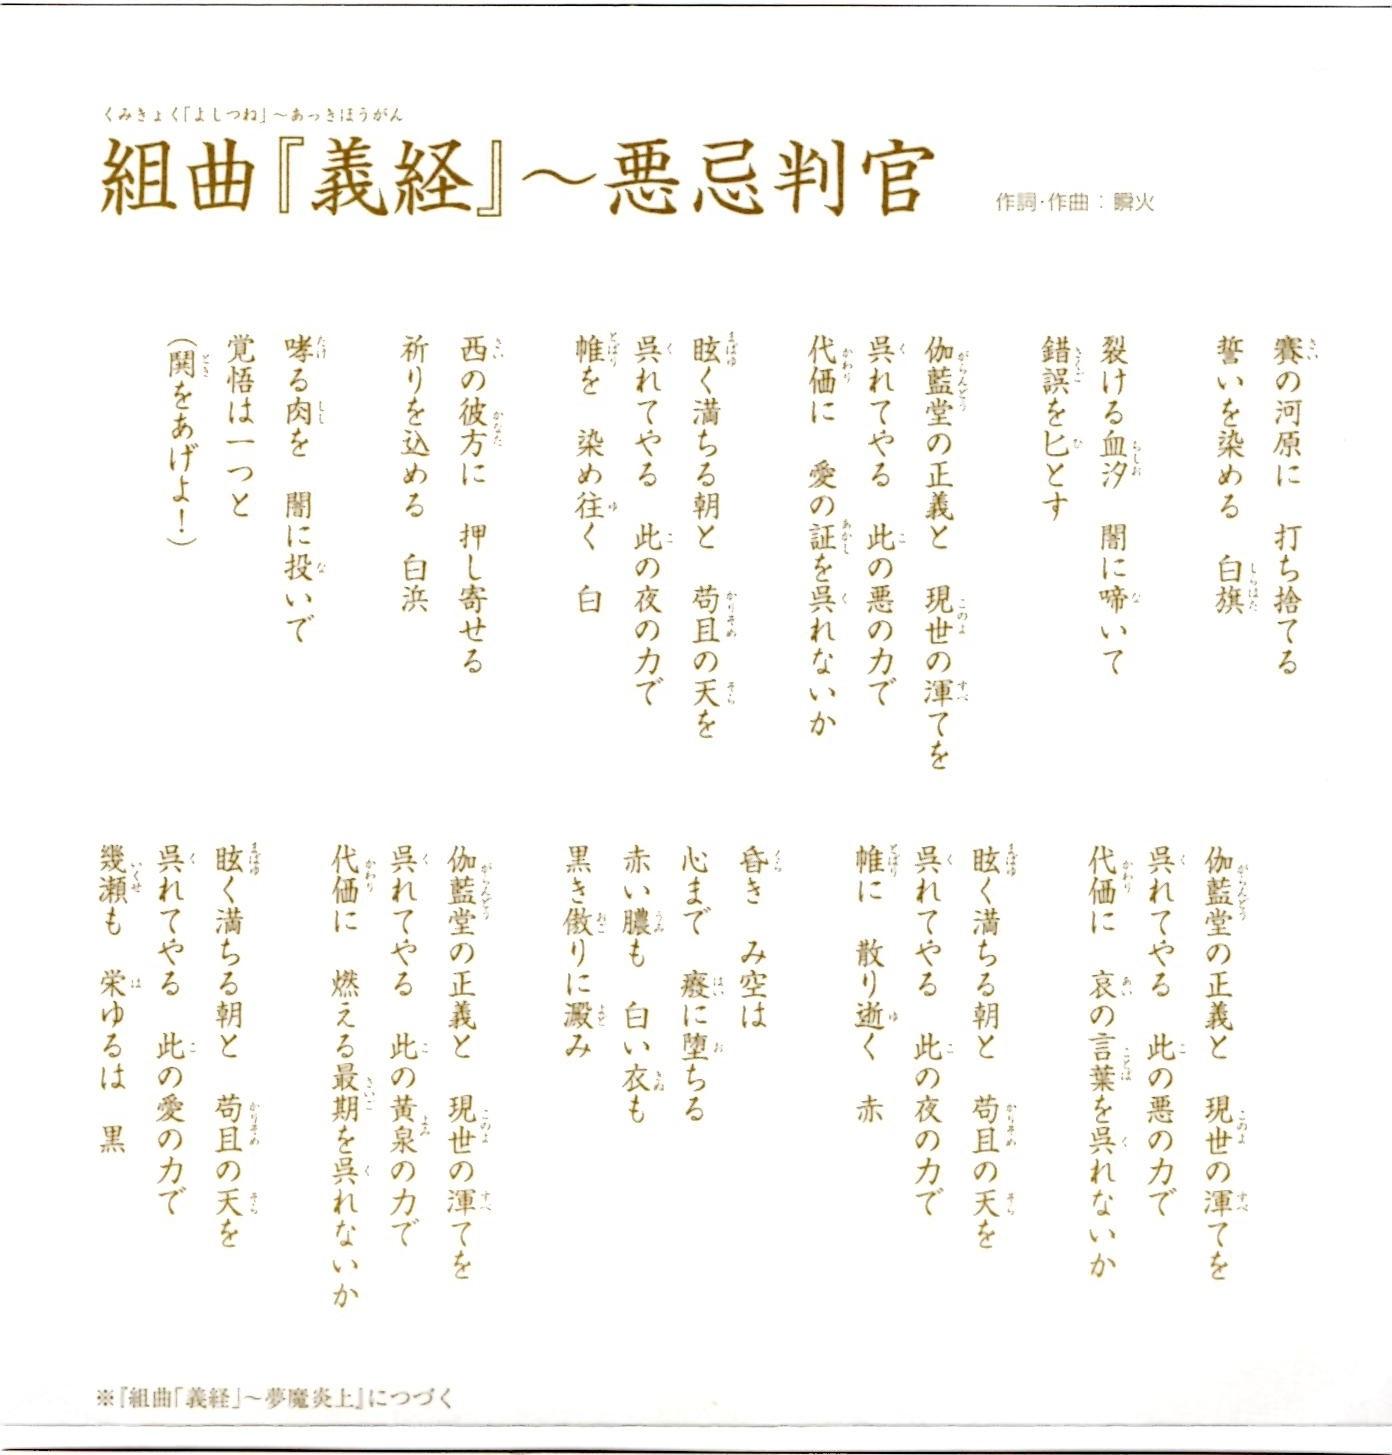 Paroles du livret du single Akki Hôgan Celles-ci divergent très légèrement de la version du clip, privilégiée dans le dossier